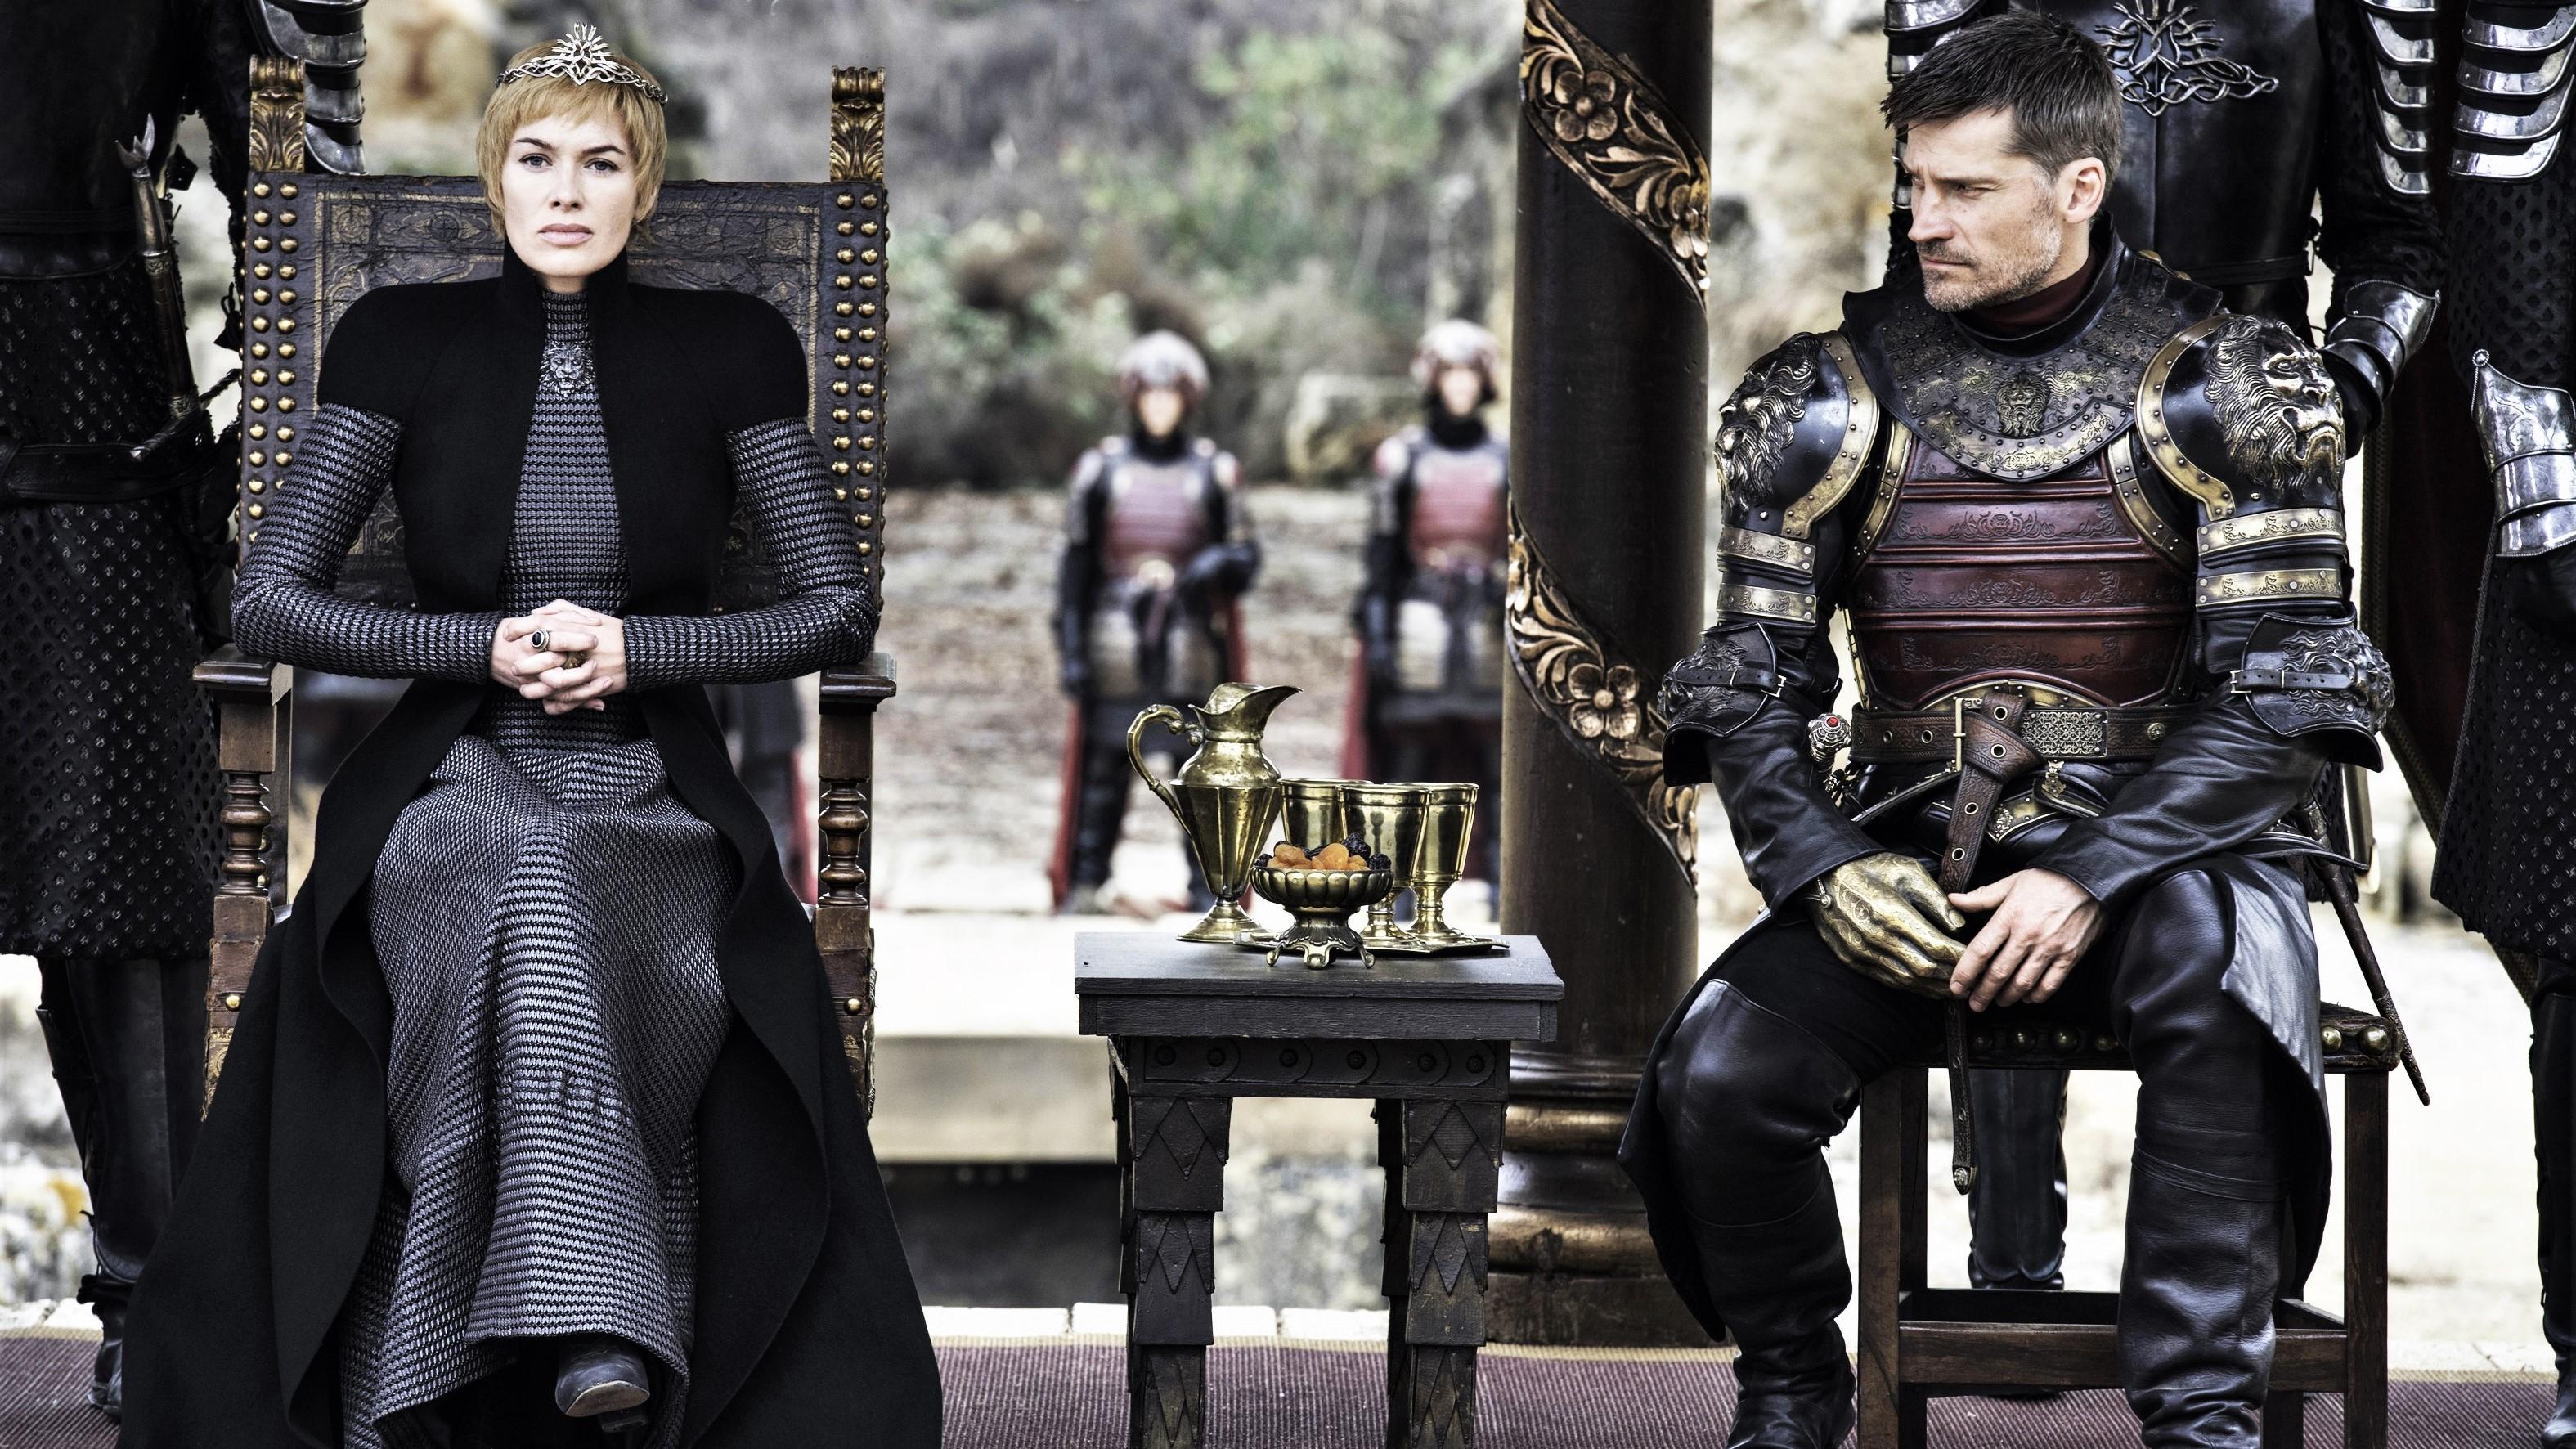 707 - King's Landing Dragonpit - Cersei, Jaime 1